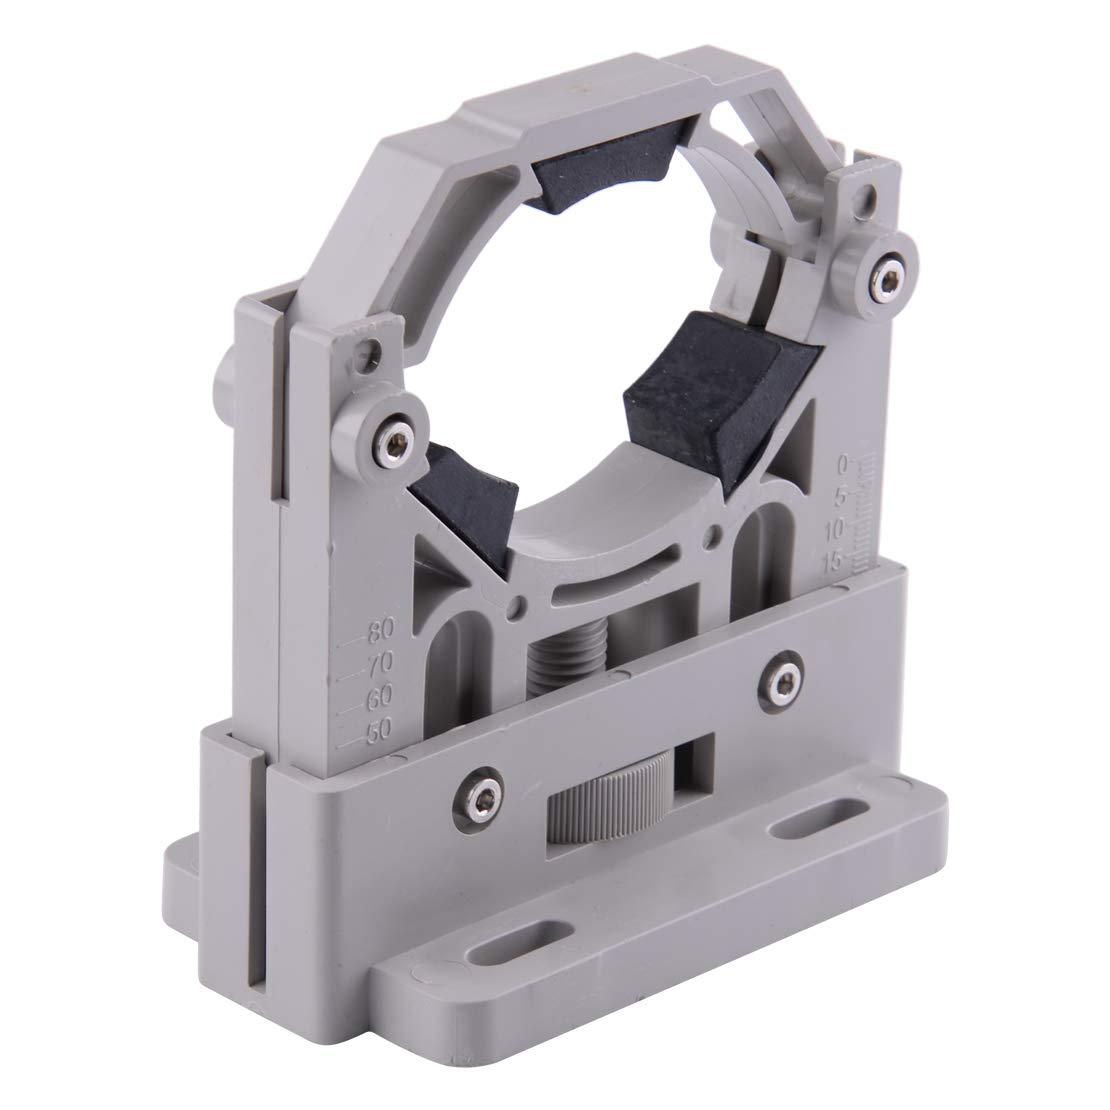 Verstellbare Halterungshalterung passend fü r 50-80mm CO2 Laser-Rohrgravurmaschine ABS Kunststoff & Gummi & Metall eastar